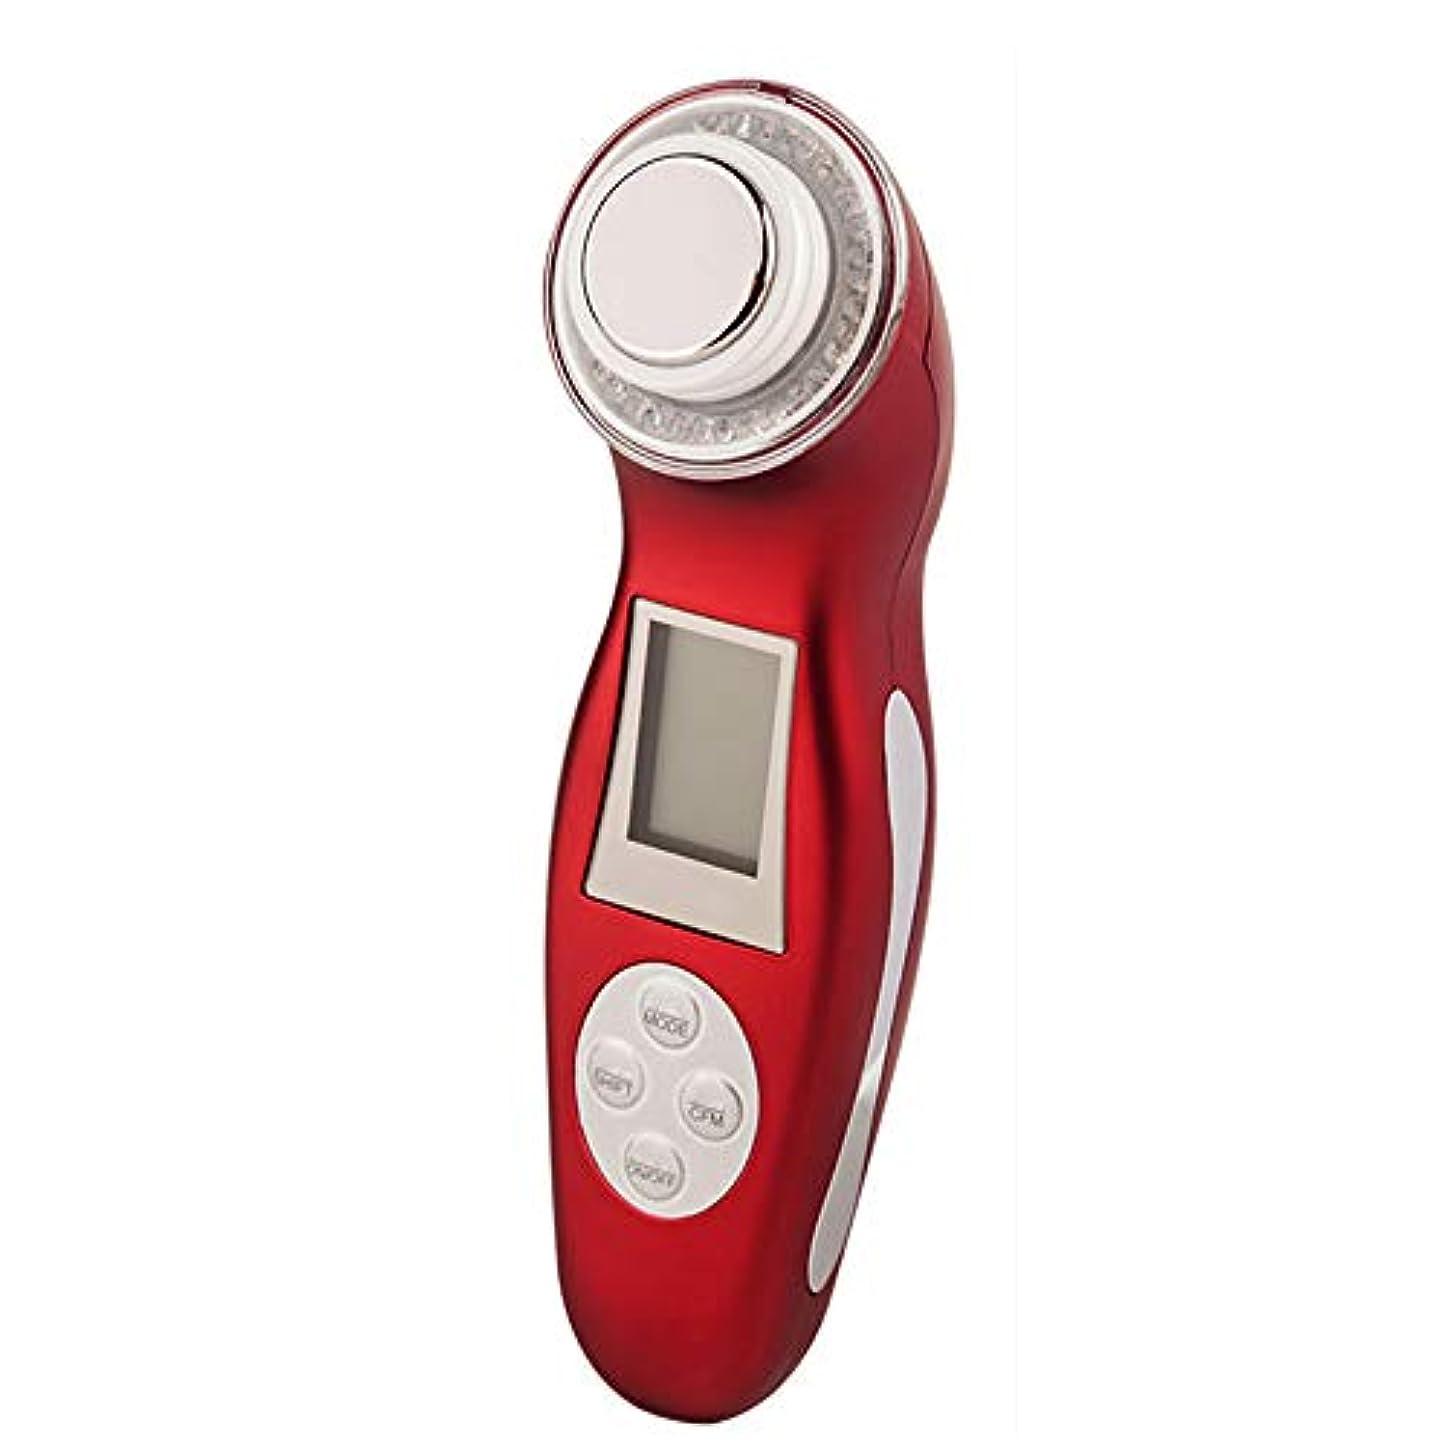 事実スパイ特徴引き締め美容装置3色光モードリフティングスキン、若返り顔マッサージしわ白くスキンケア器具,Red